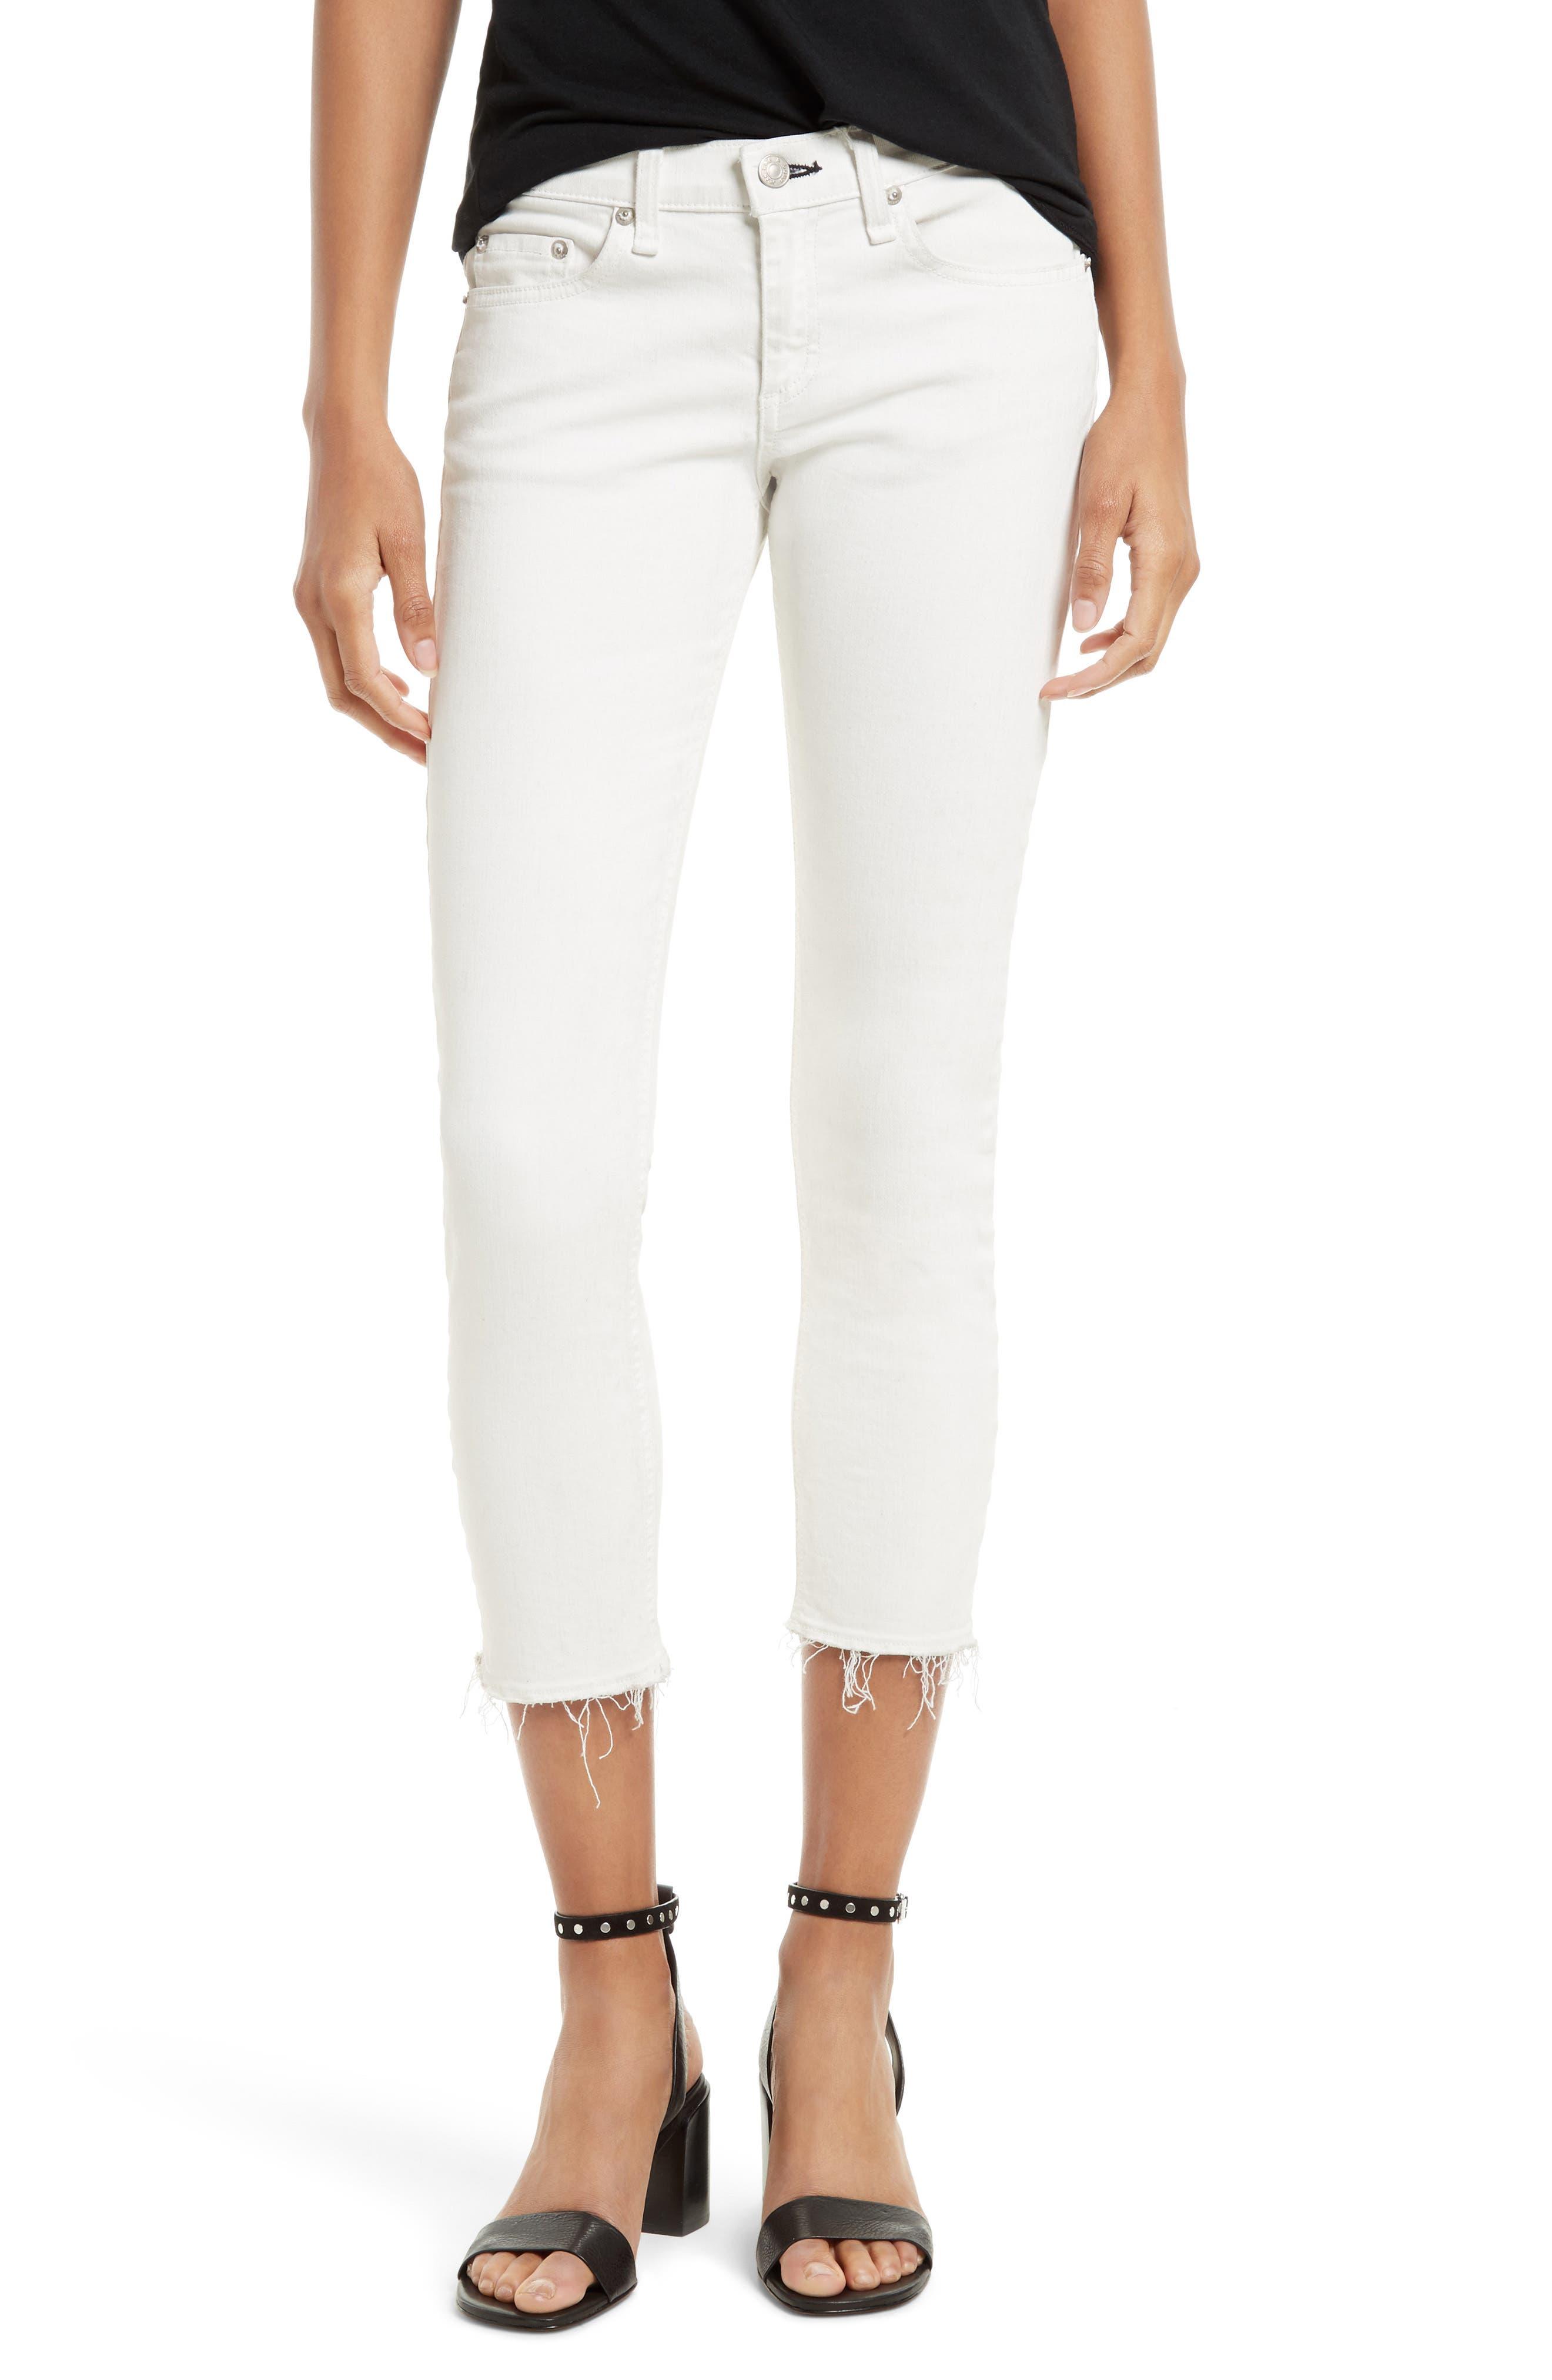 Alternate Image 1 Selected - rag & bone/JEAN Capri Skinny Jeans (Blanc with Fray)